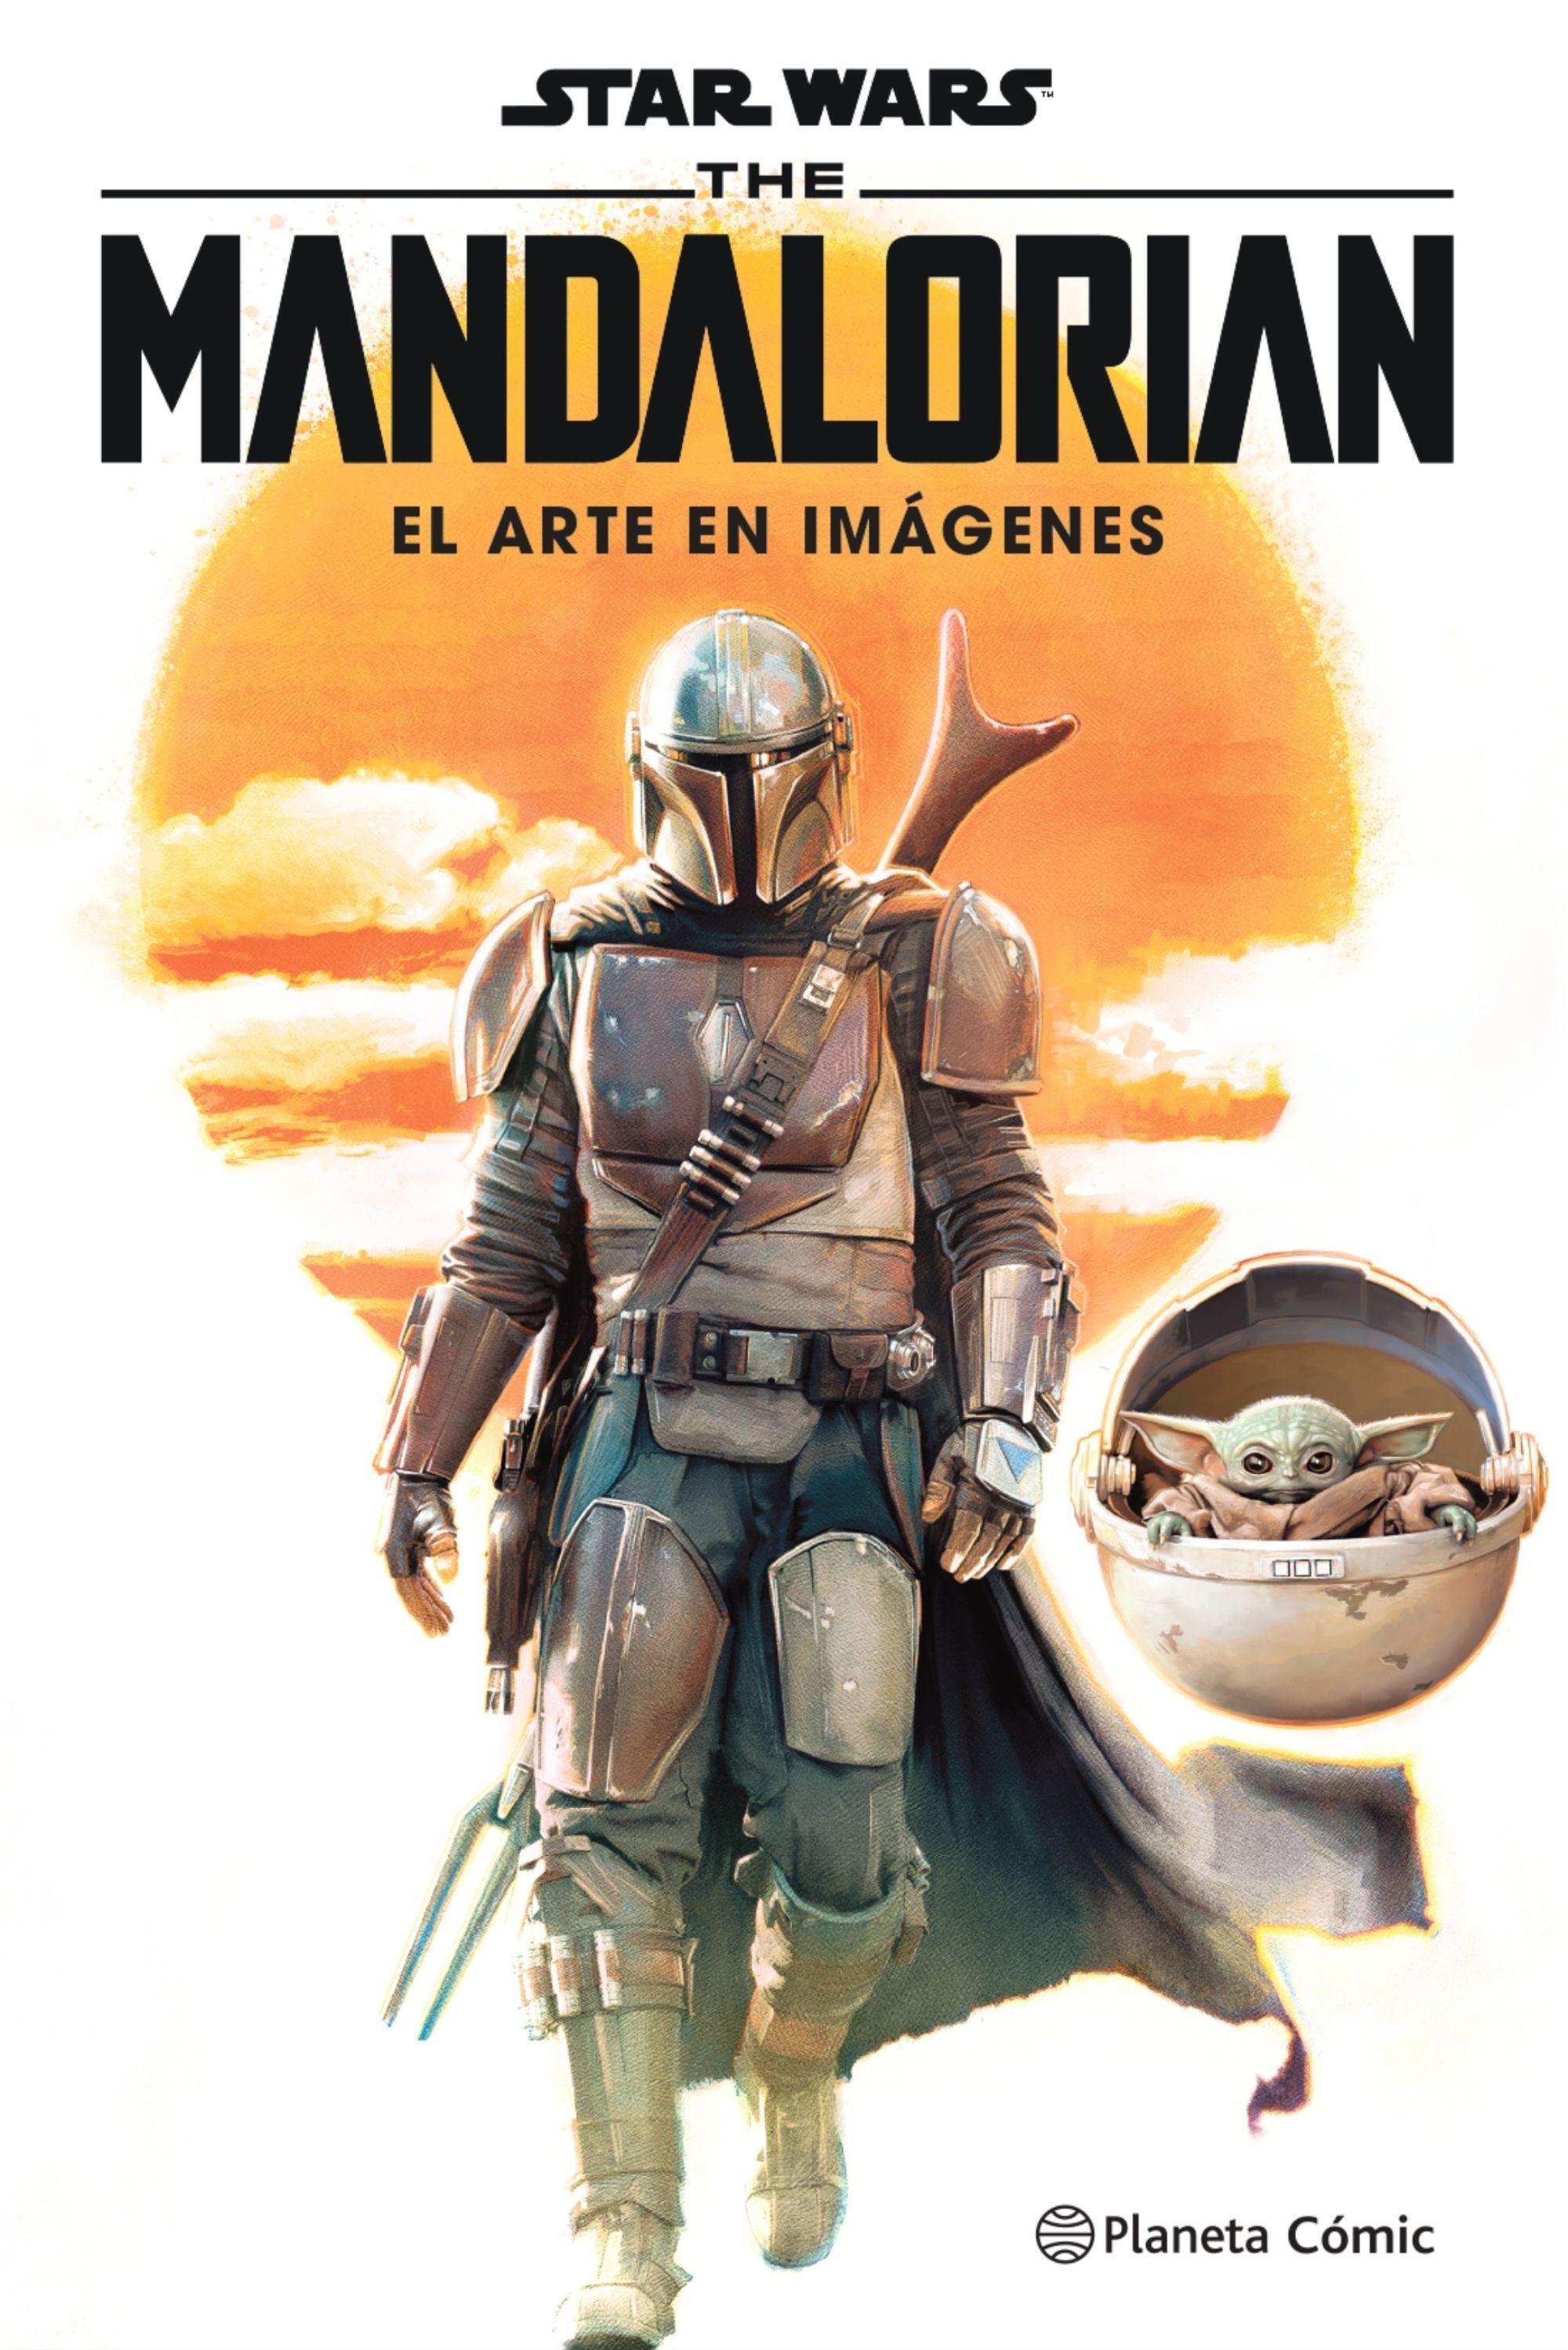 STAR WARS MANDALORIAN EL ARTE EN IMÁGENES